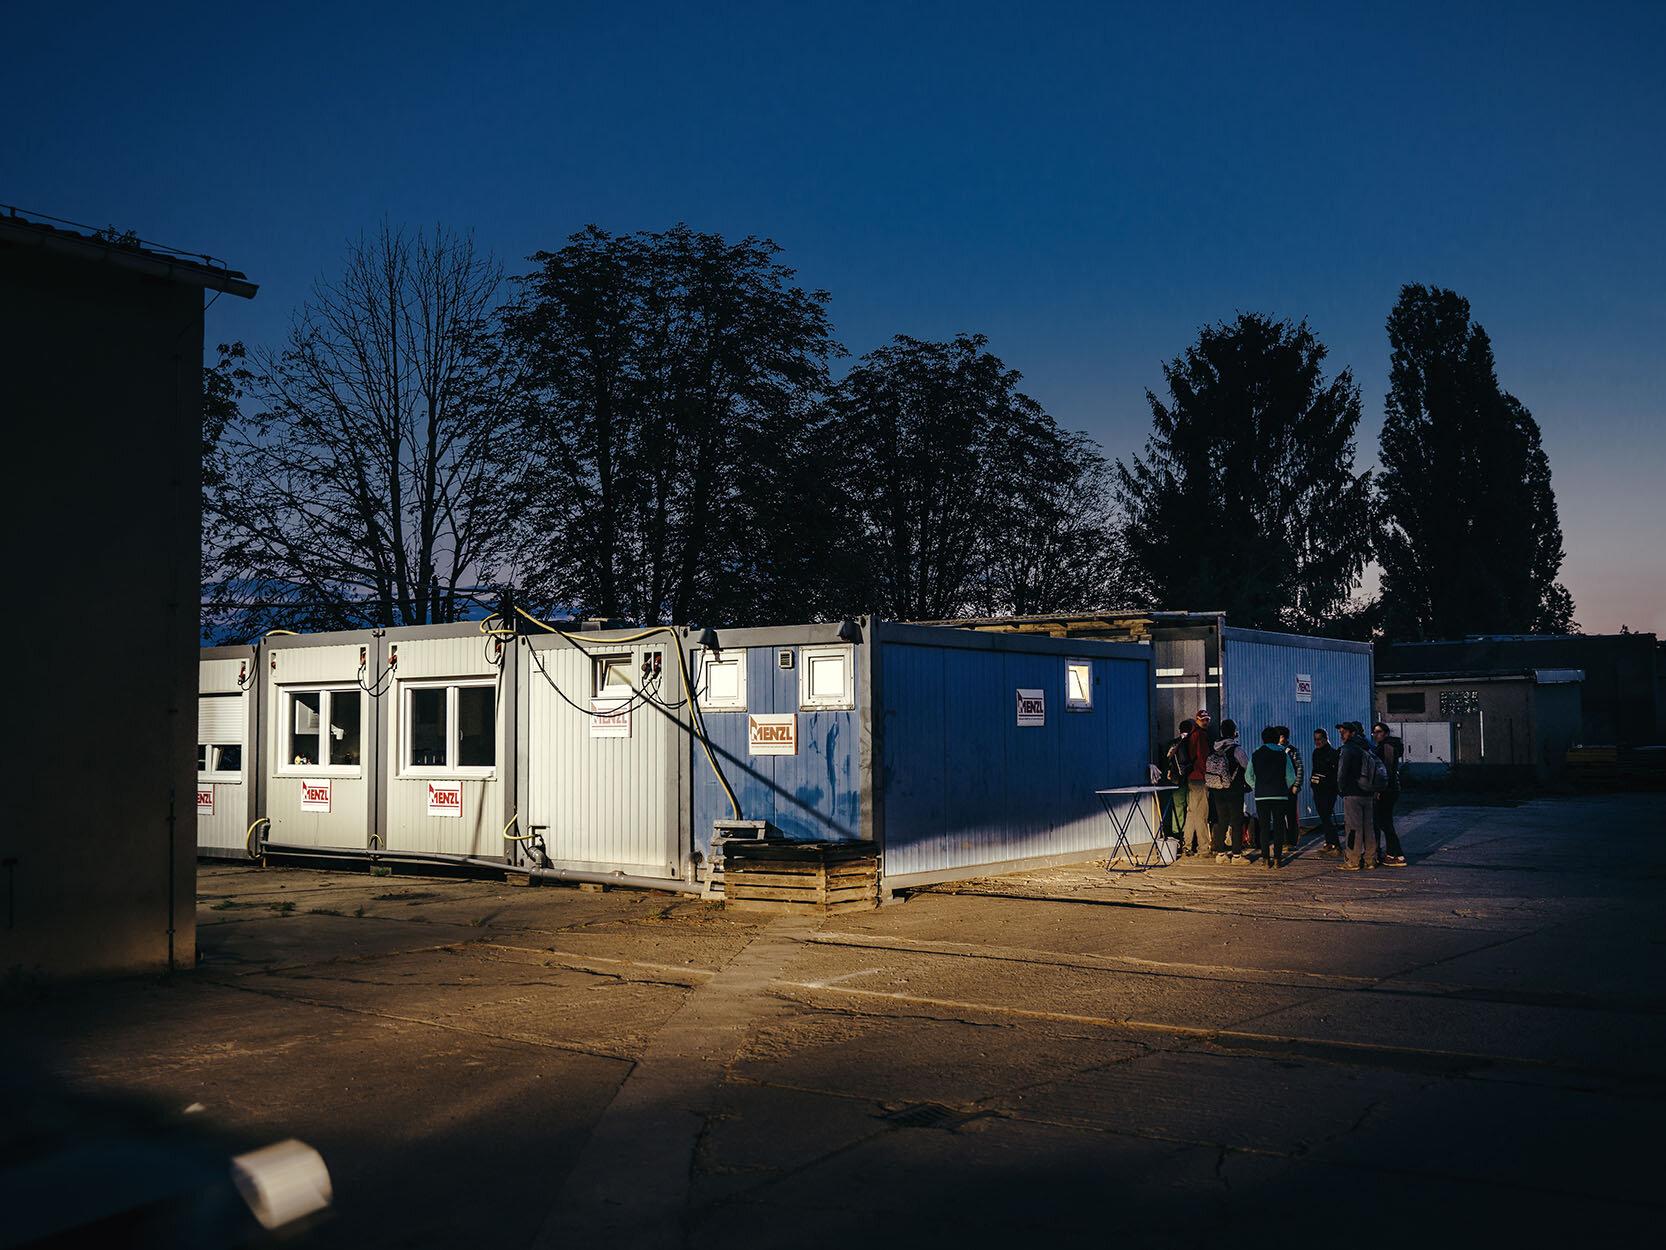 Containerunterkunft von rumänischen Saisonarbeitern